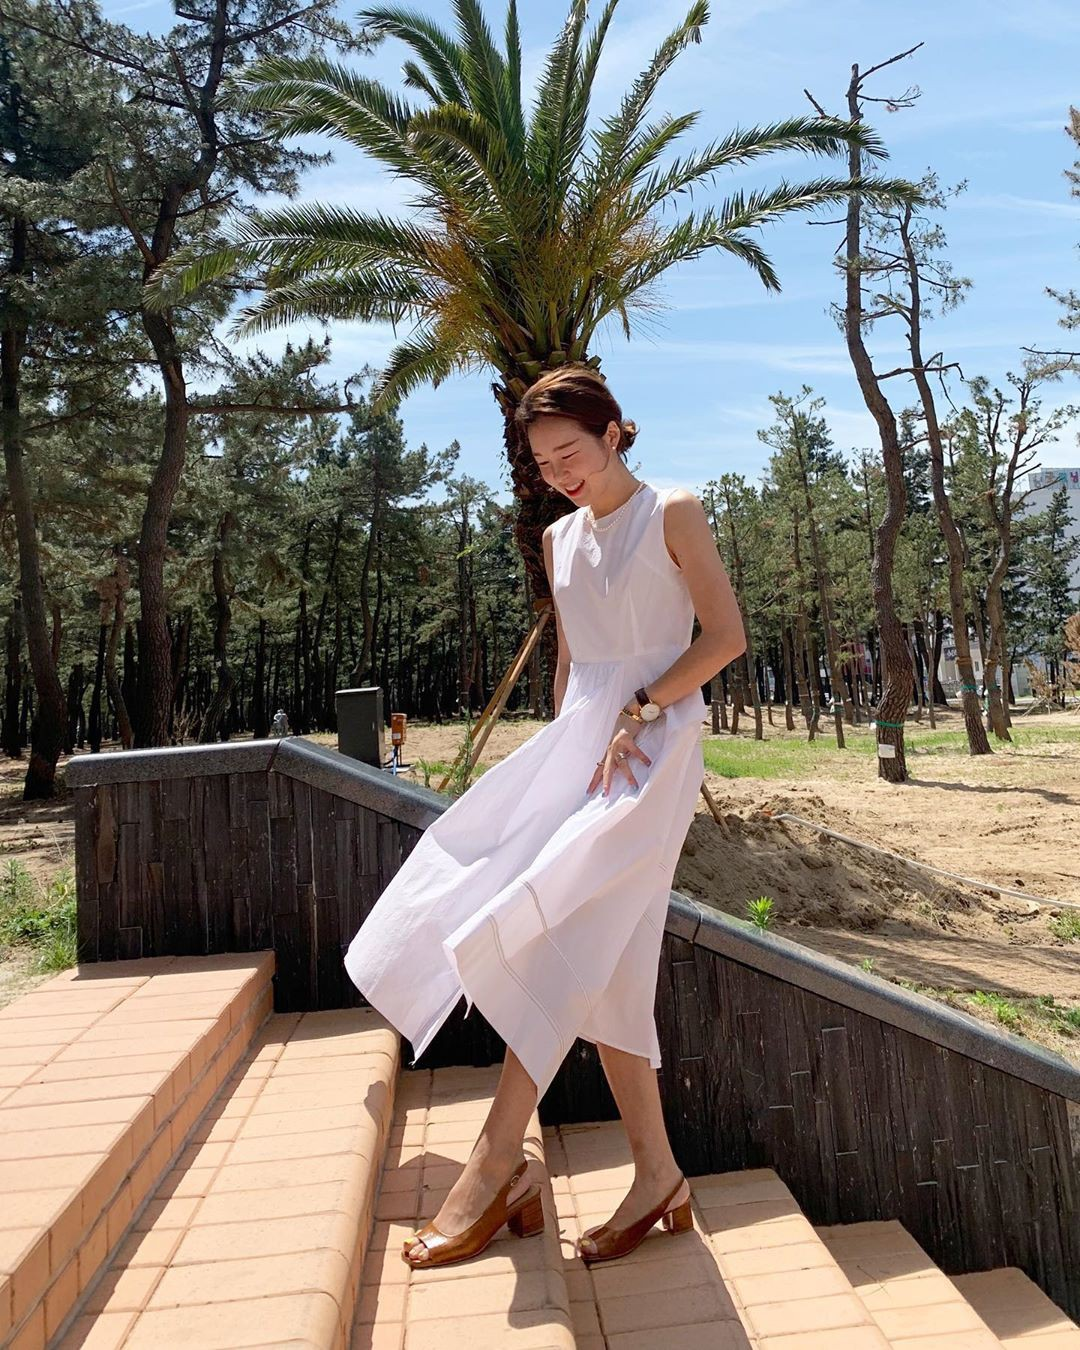 Street style Châu Á: Toàn tập là màu trắng, bộ nào bộ nấy đều đẹp và dễ mặc - Ảnh 12.